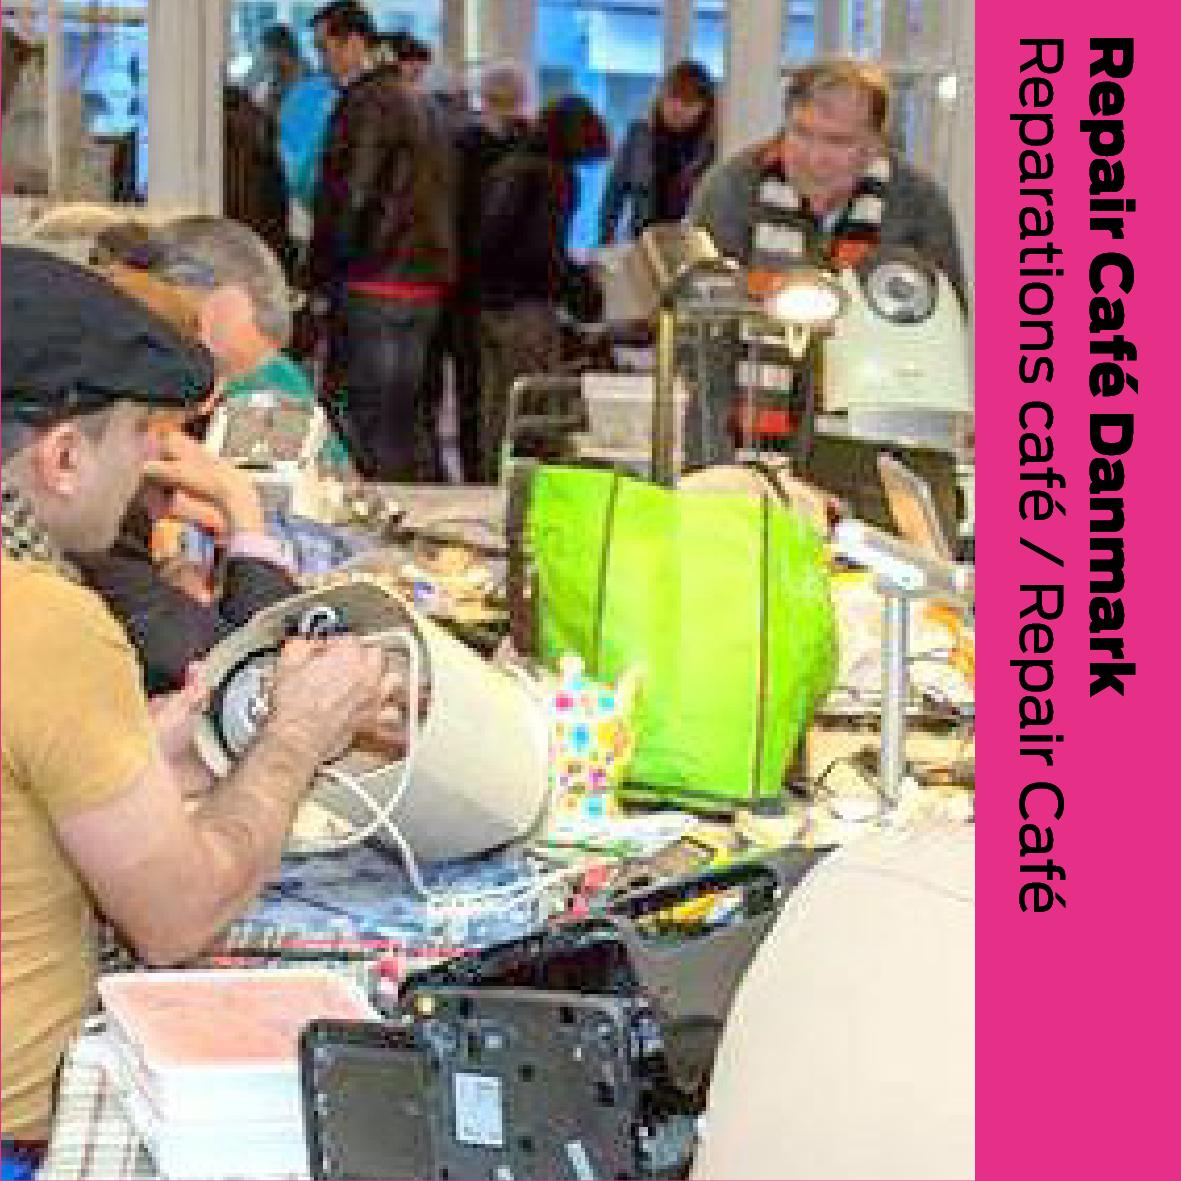 Repair Café Danmark: Reparations café / Repair cafe